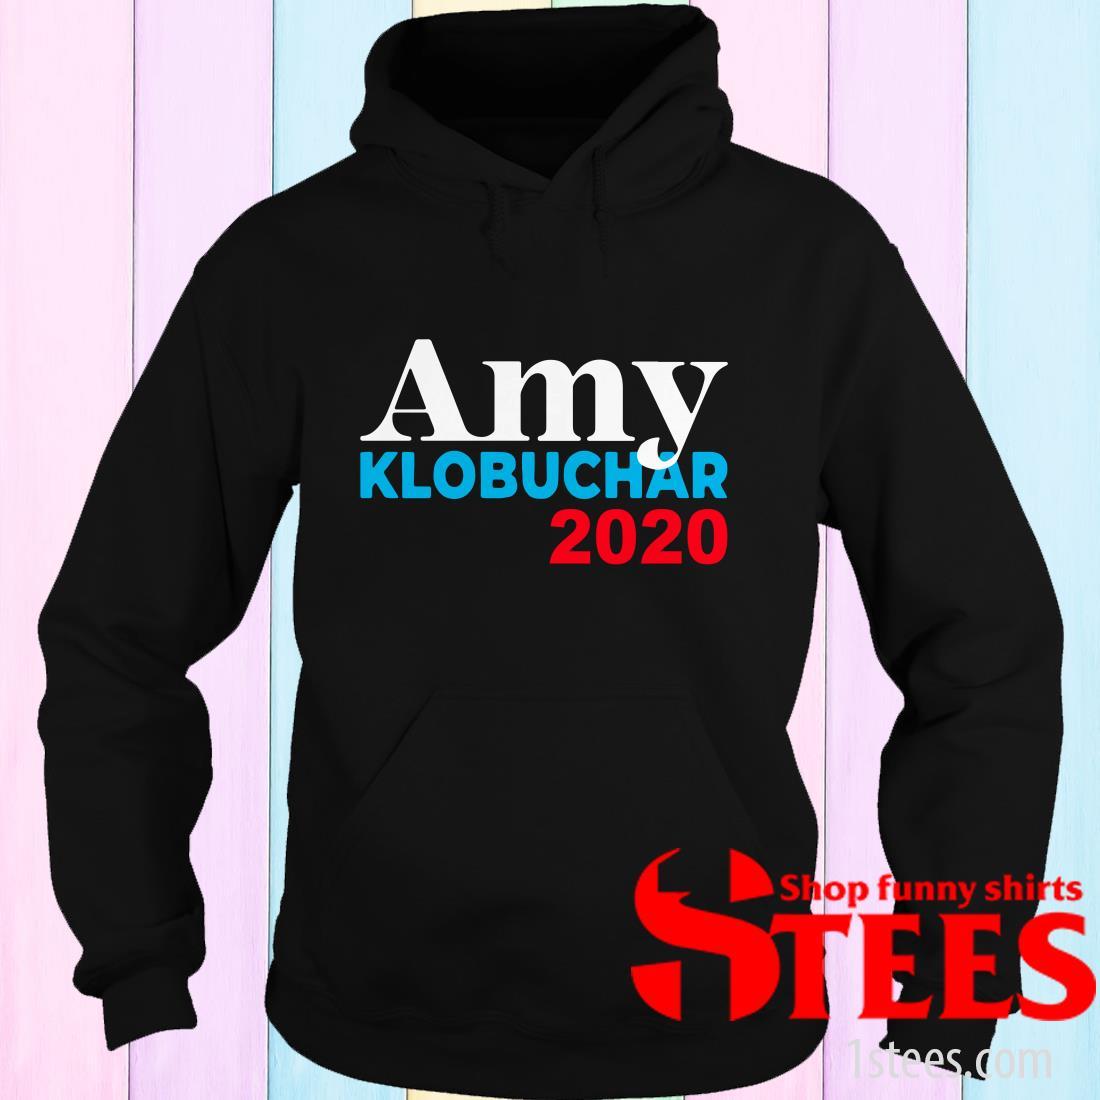 Amy Klobuchar 2020 Hoodies